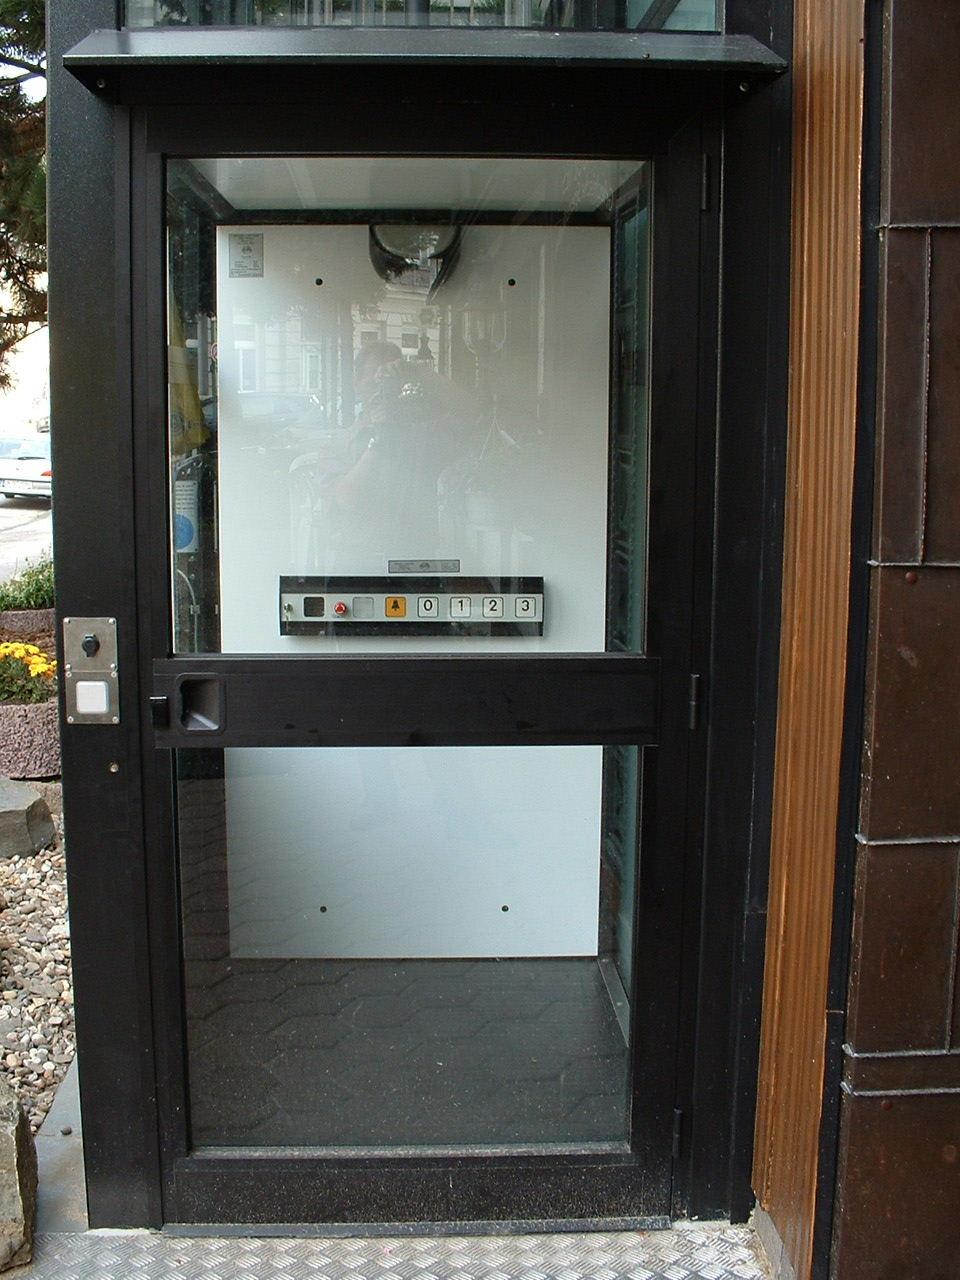 Einblick in Aufzugkabine eines Glasaufzugs